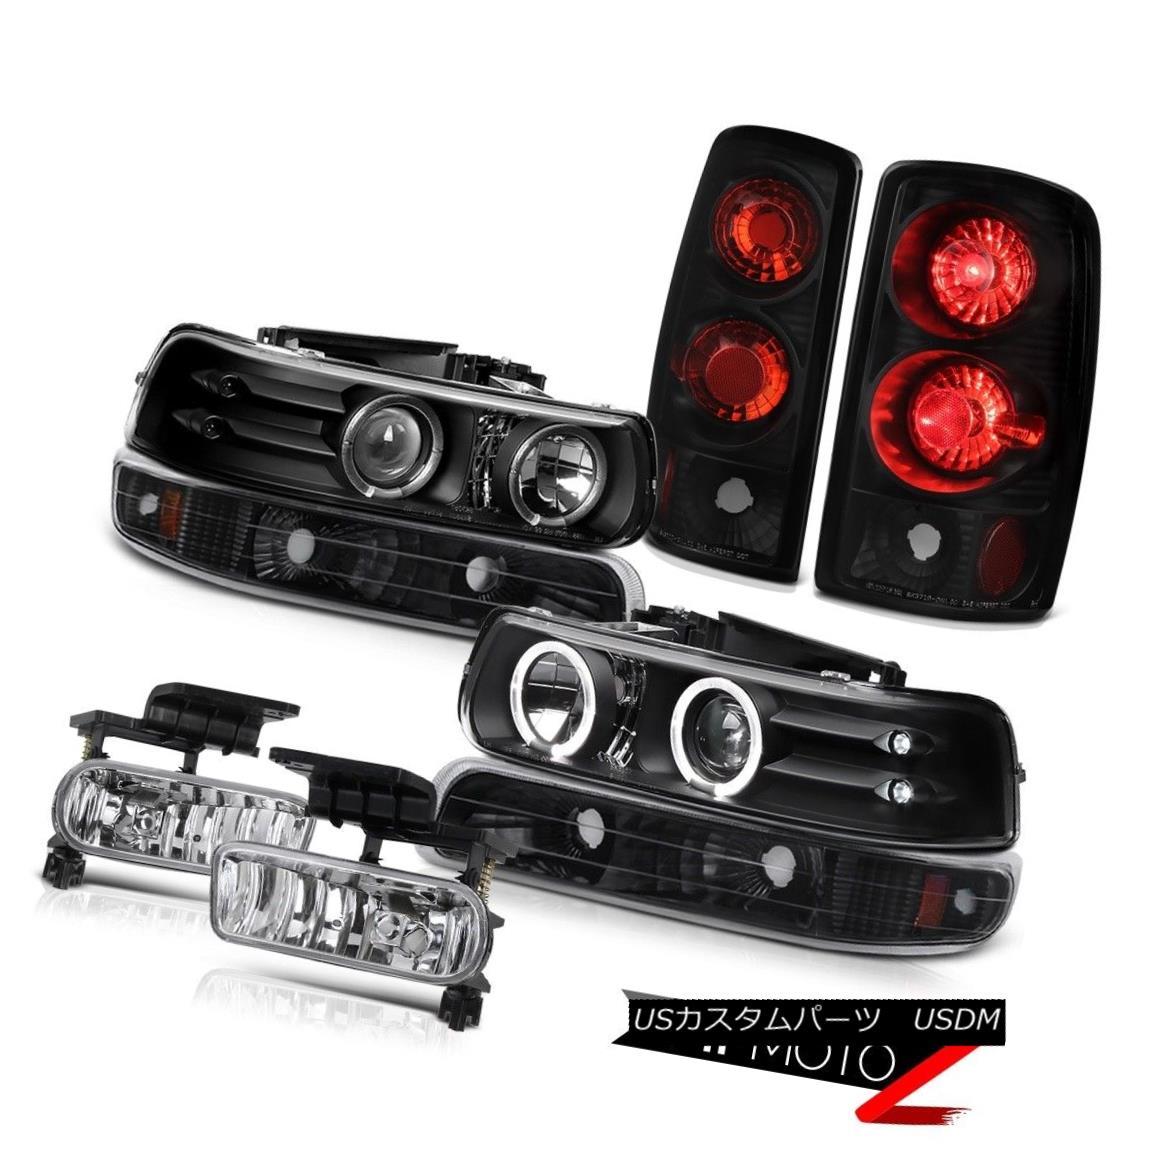 テールライト LED Angel Eye Projector Headlight Rear Black Taillamp Fog 2000-2006 Suburban LT LEDエンジェルアイプロジェクターヘッドライトリアブラックTaillamp Fog 2000-2006郊外LT